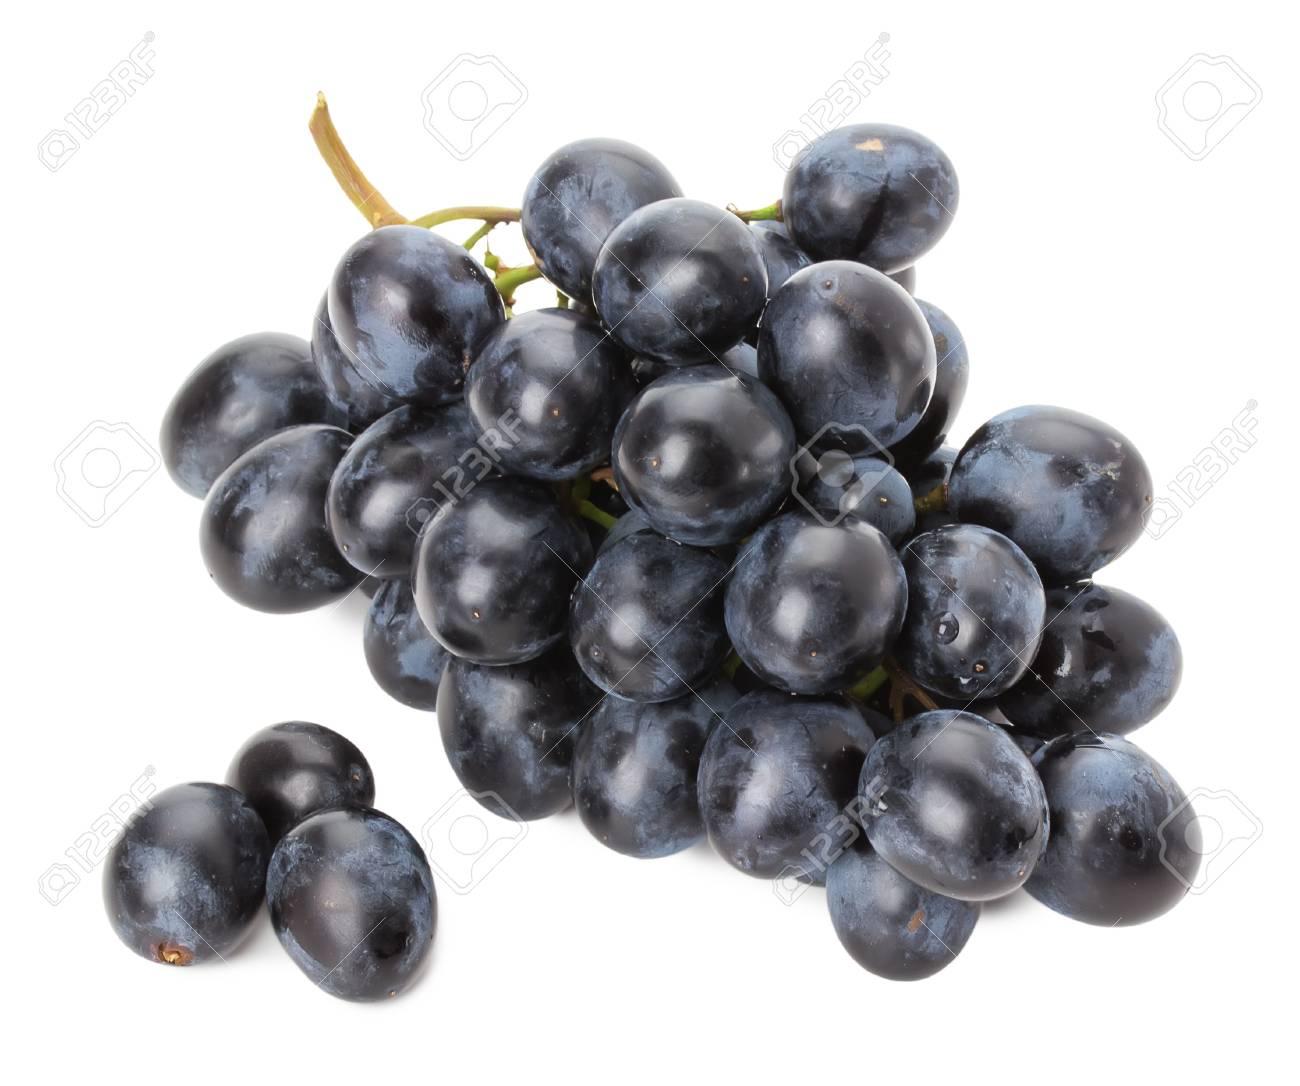 Paarse Druiven Geisoleerd Op De Witte Achtergrond Royalty Vrije Foto Plaatjes Beelden En Stock Fotografie Image 37051044